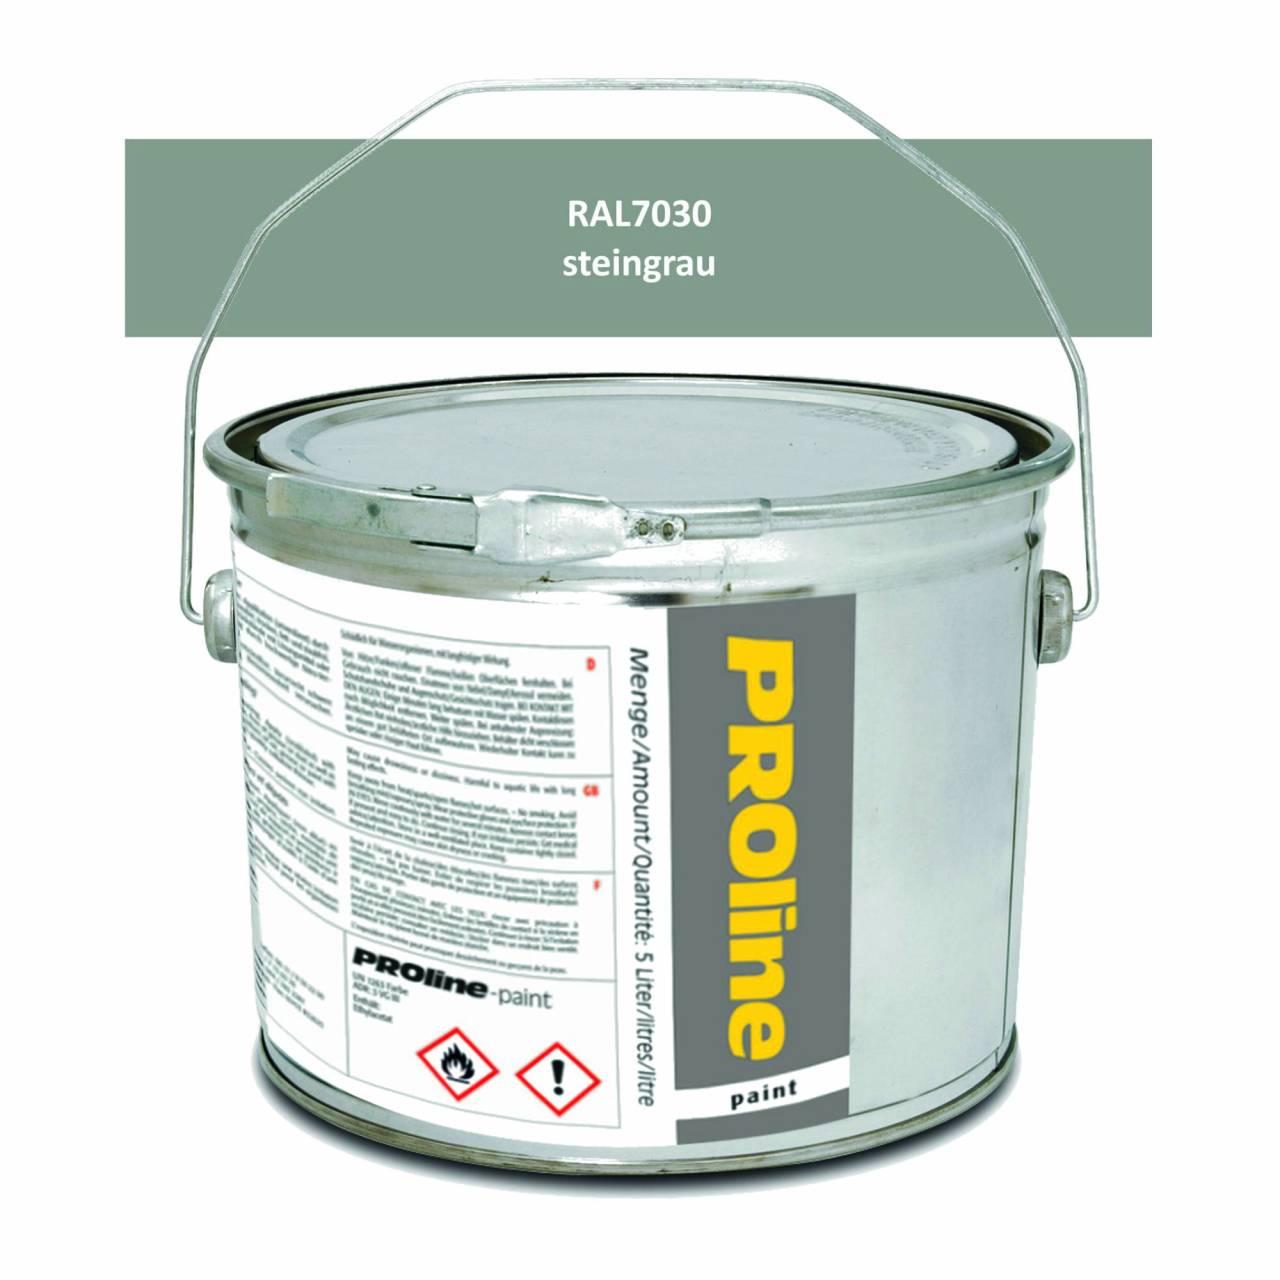 Hallen-Markierfarbe 'PROline-paint' STEINGRAU / Eimer a 5,0 Liter